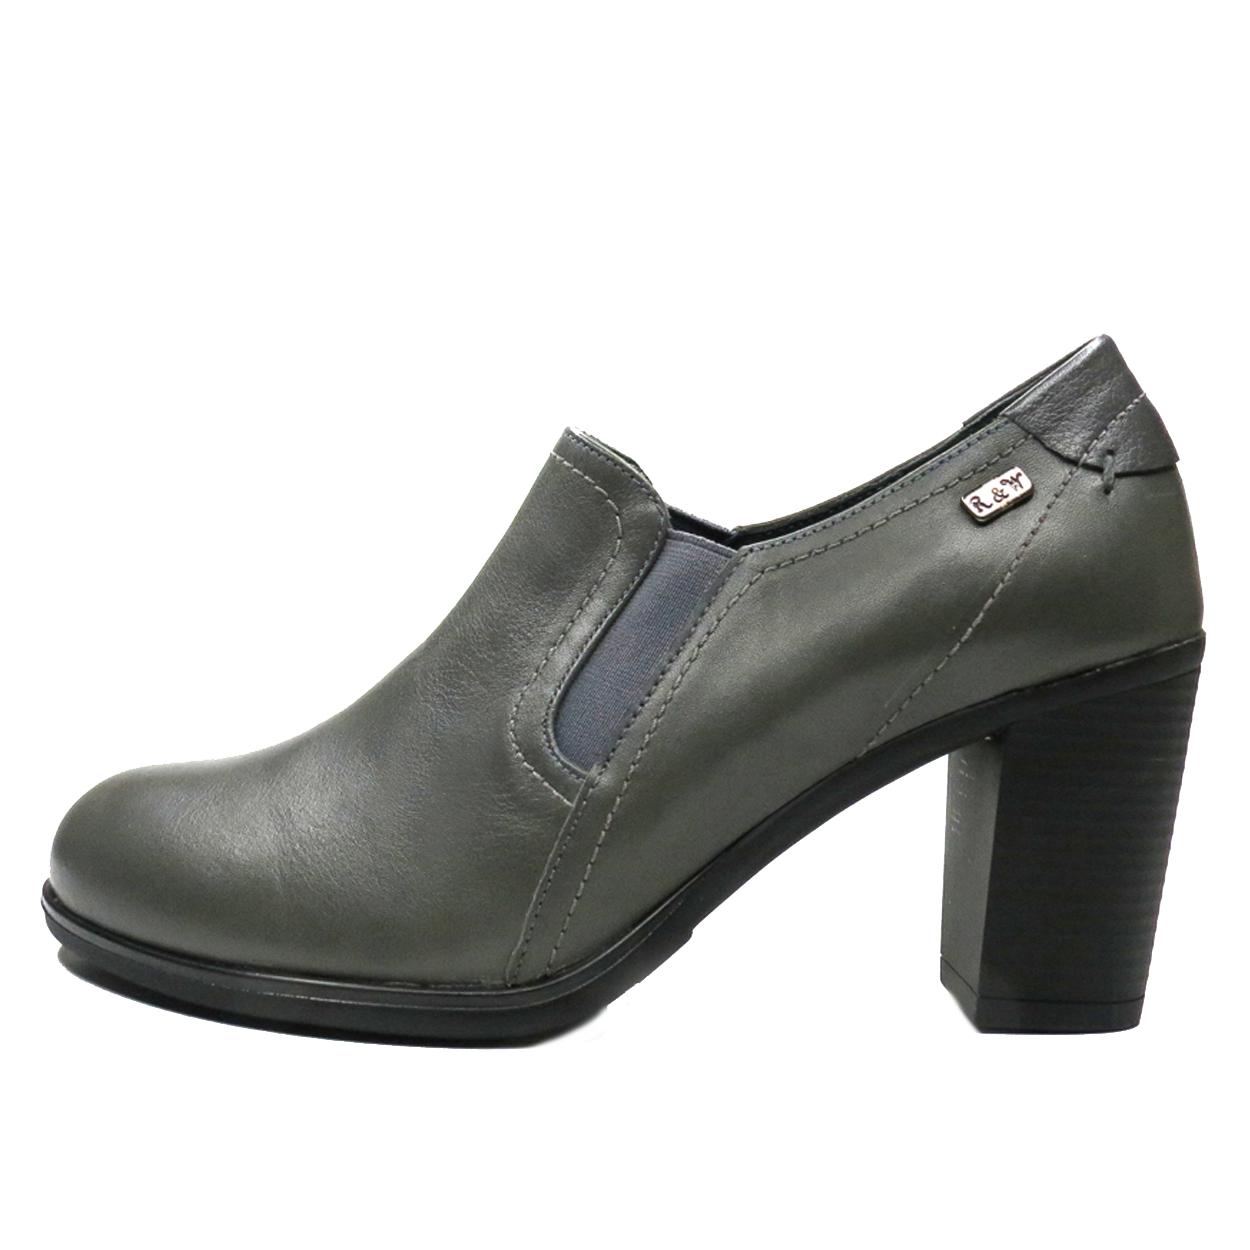 خرید                      کفش زنانه آر اند دبلیو مدل 487 رنگ طوسی